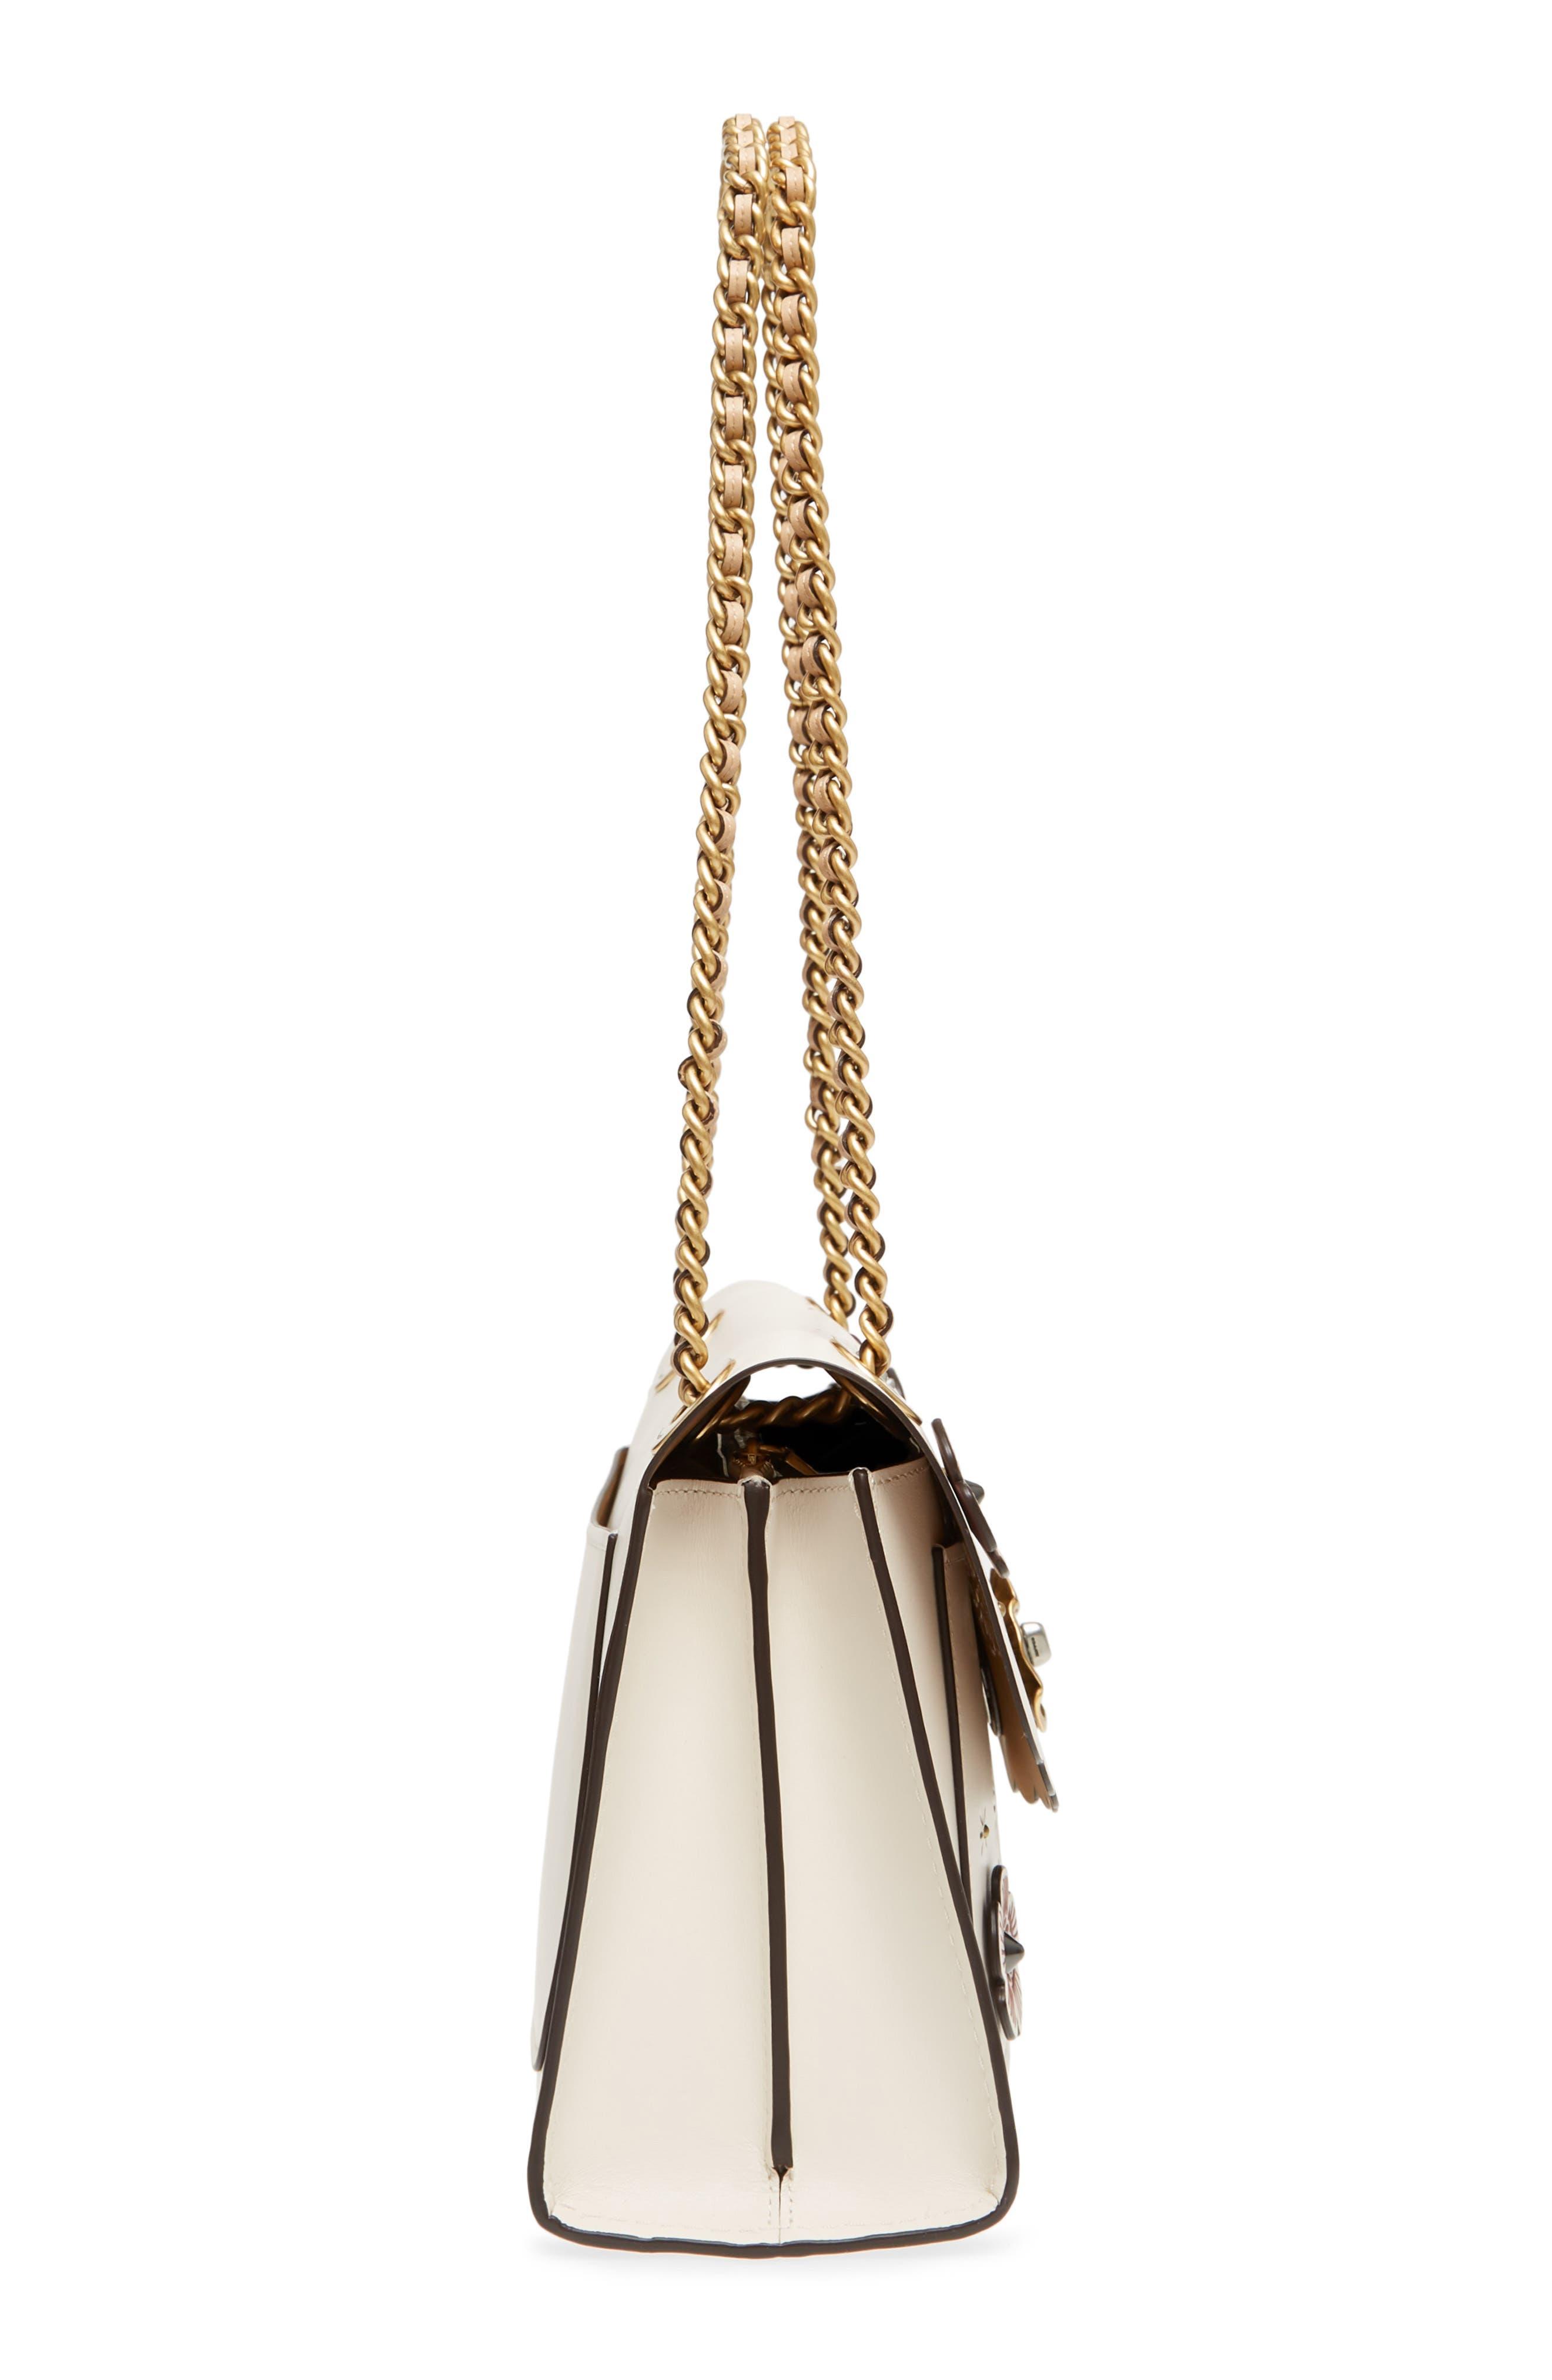 Parker Floral Embellished Leather Shoulder Bag,                             Alternate thumbnail 5, color,